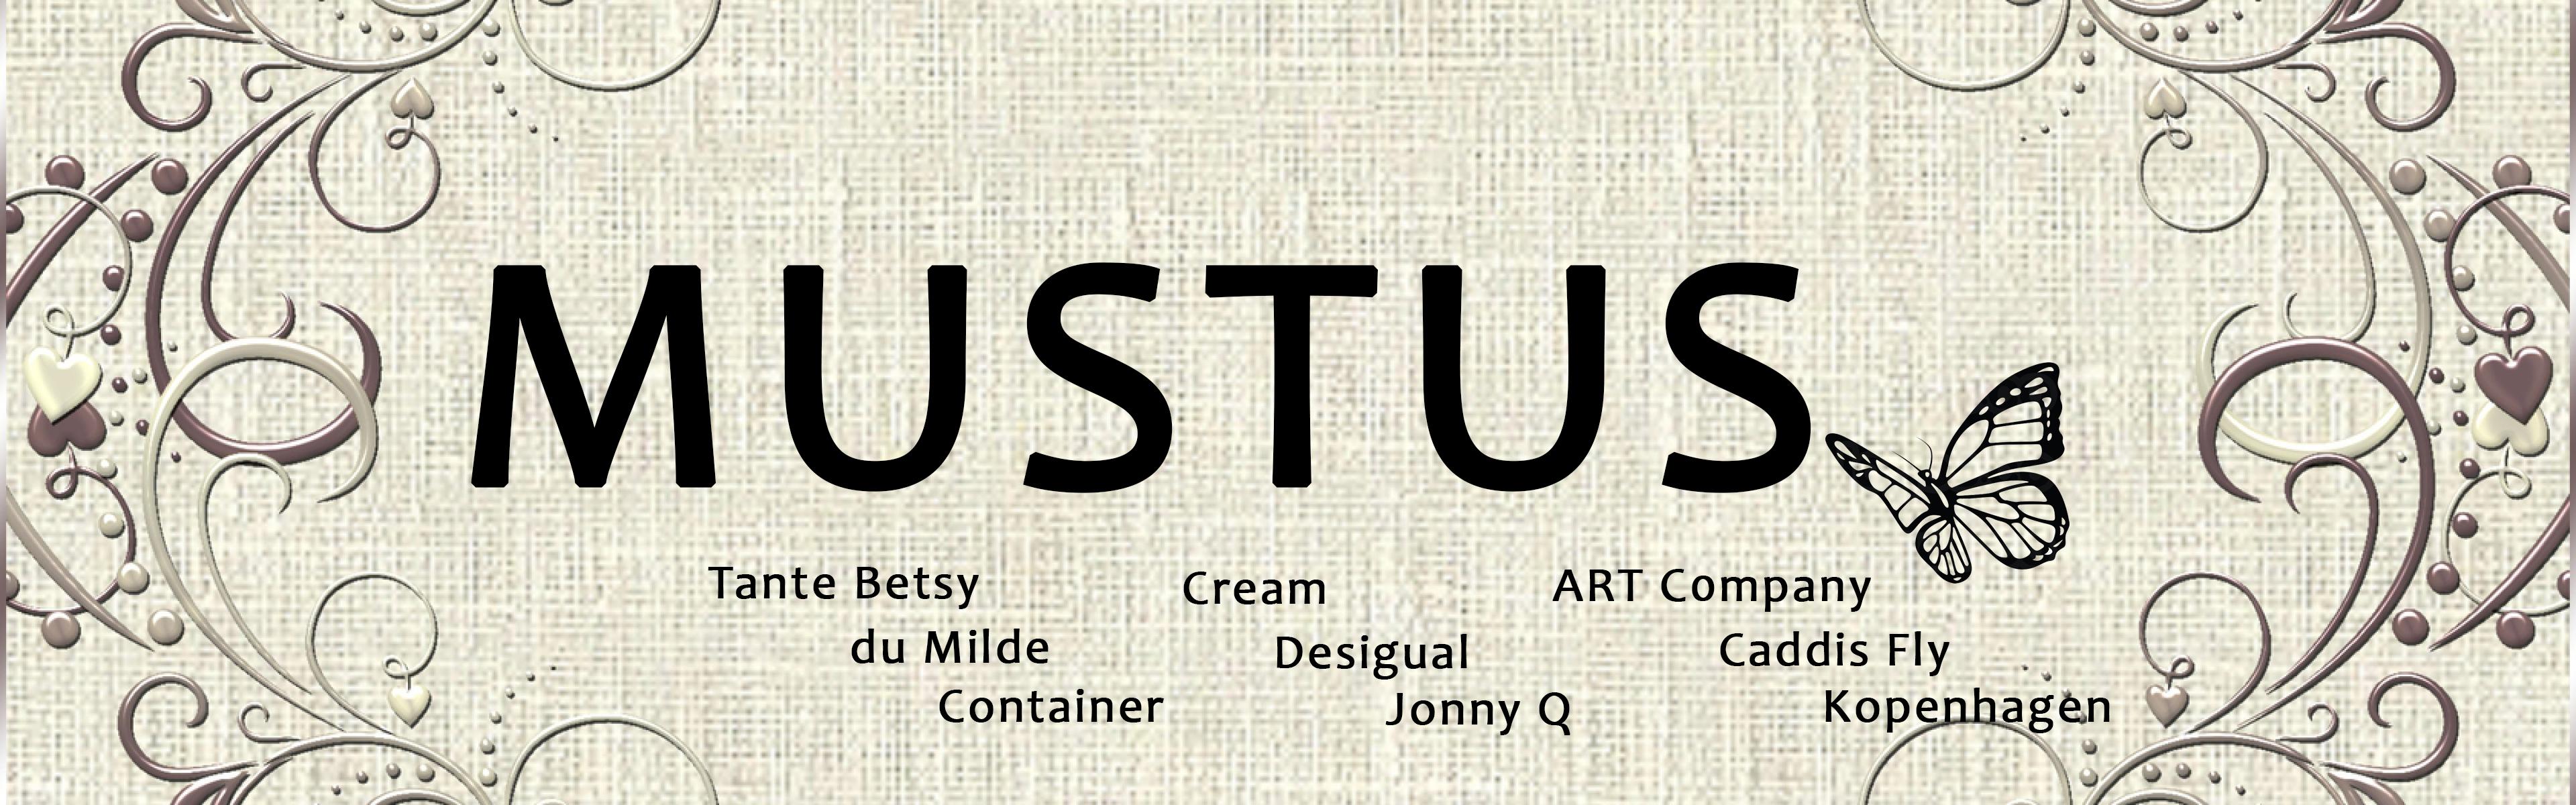 Mustus